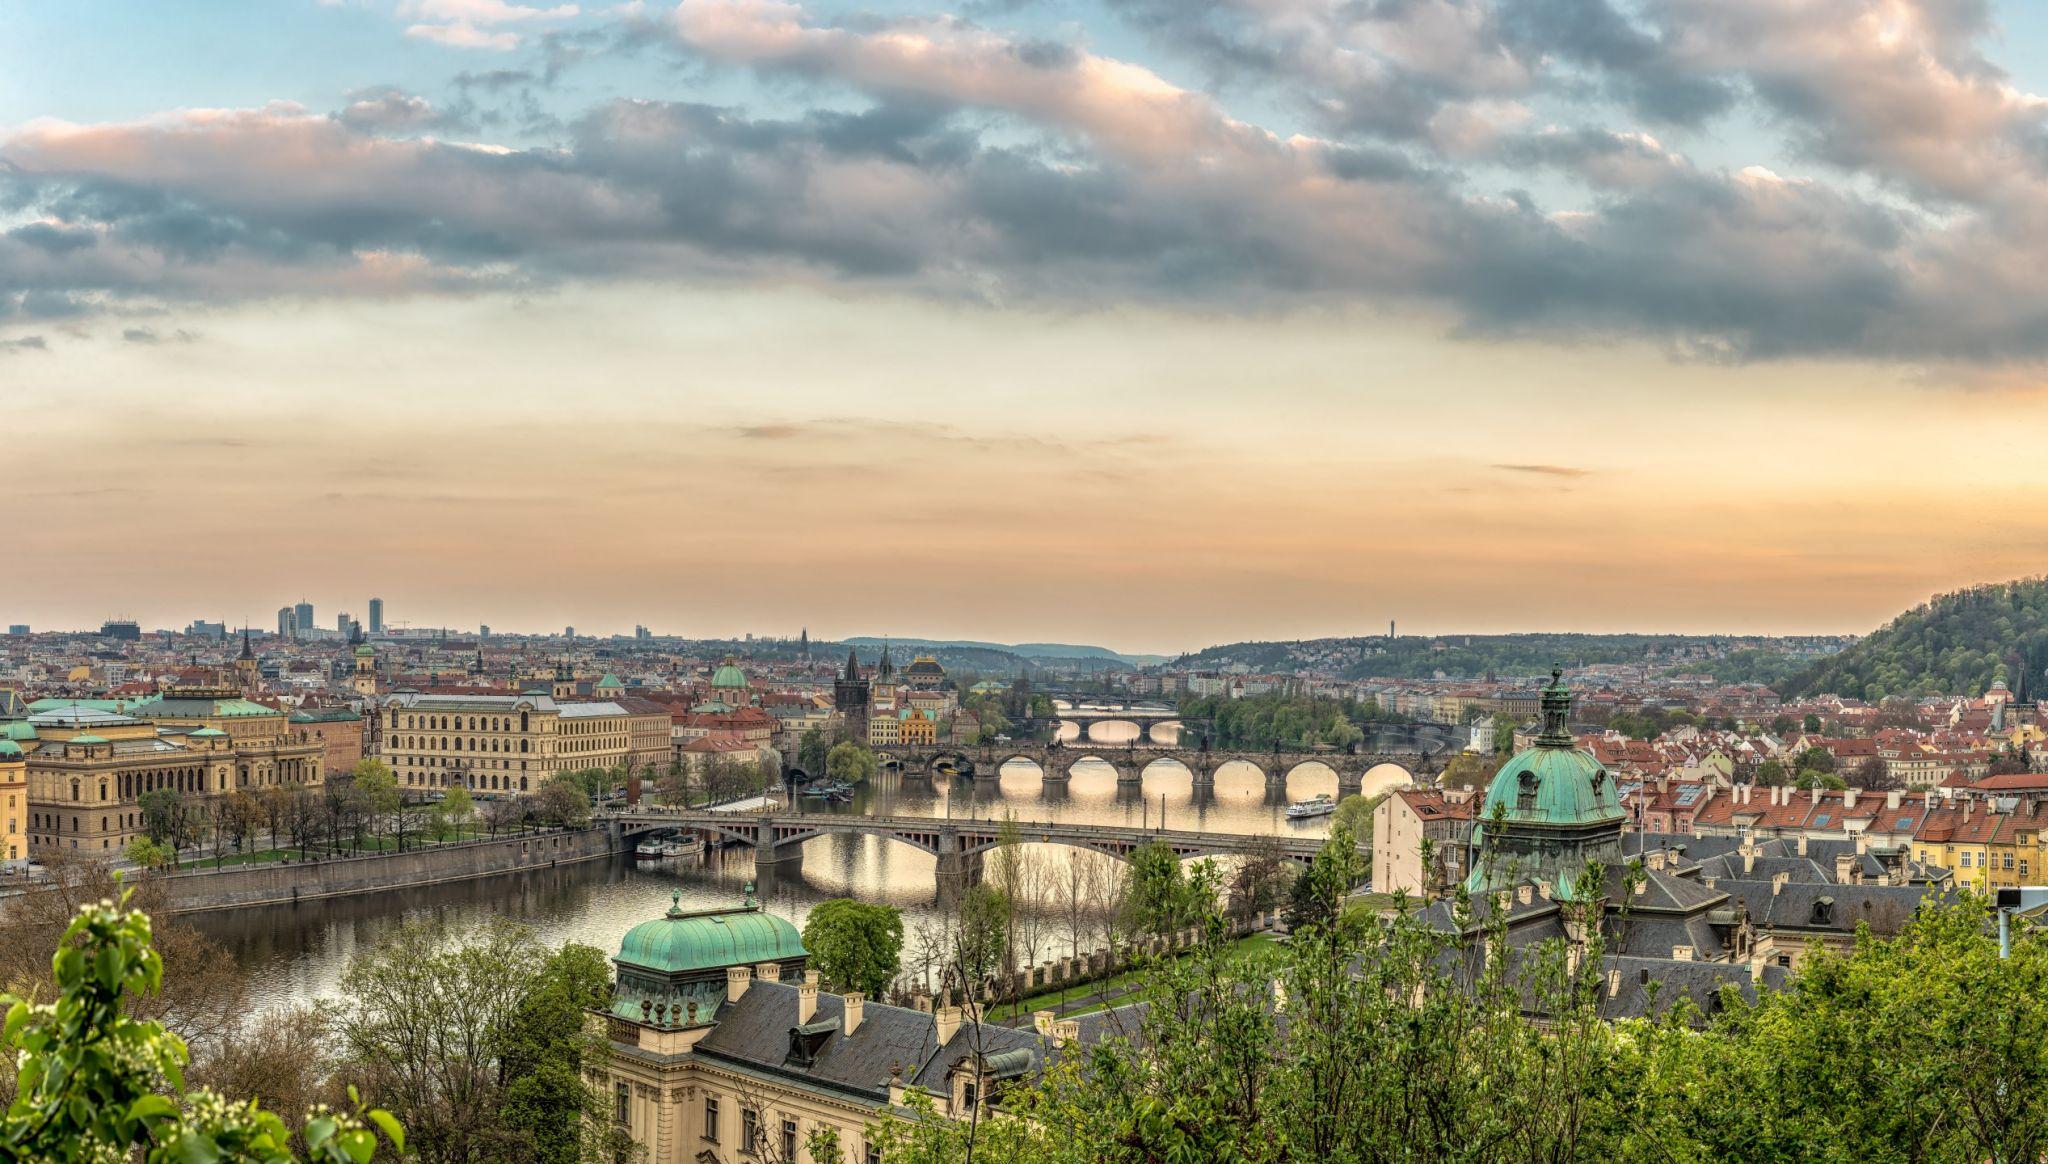 Prague 5 Bridges, Czech Republic